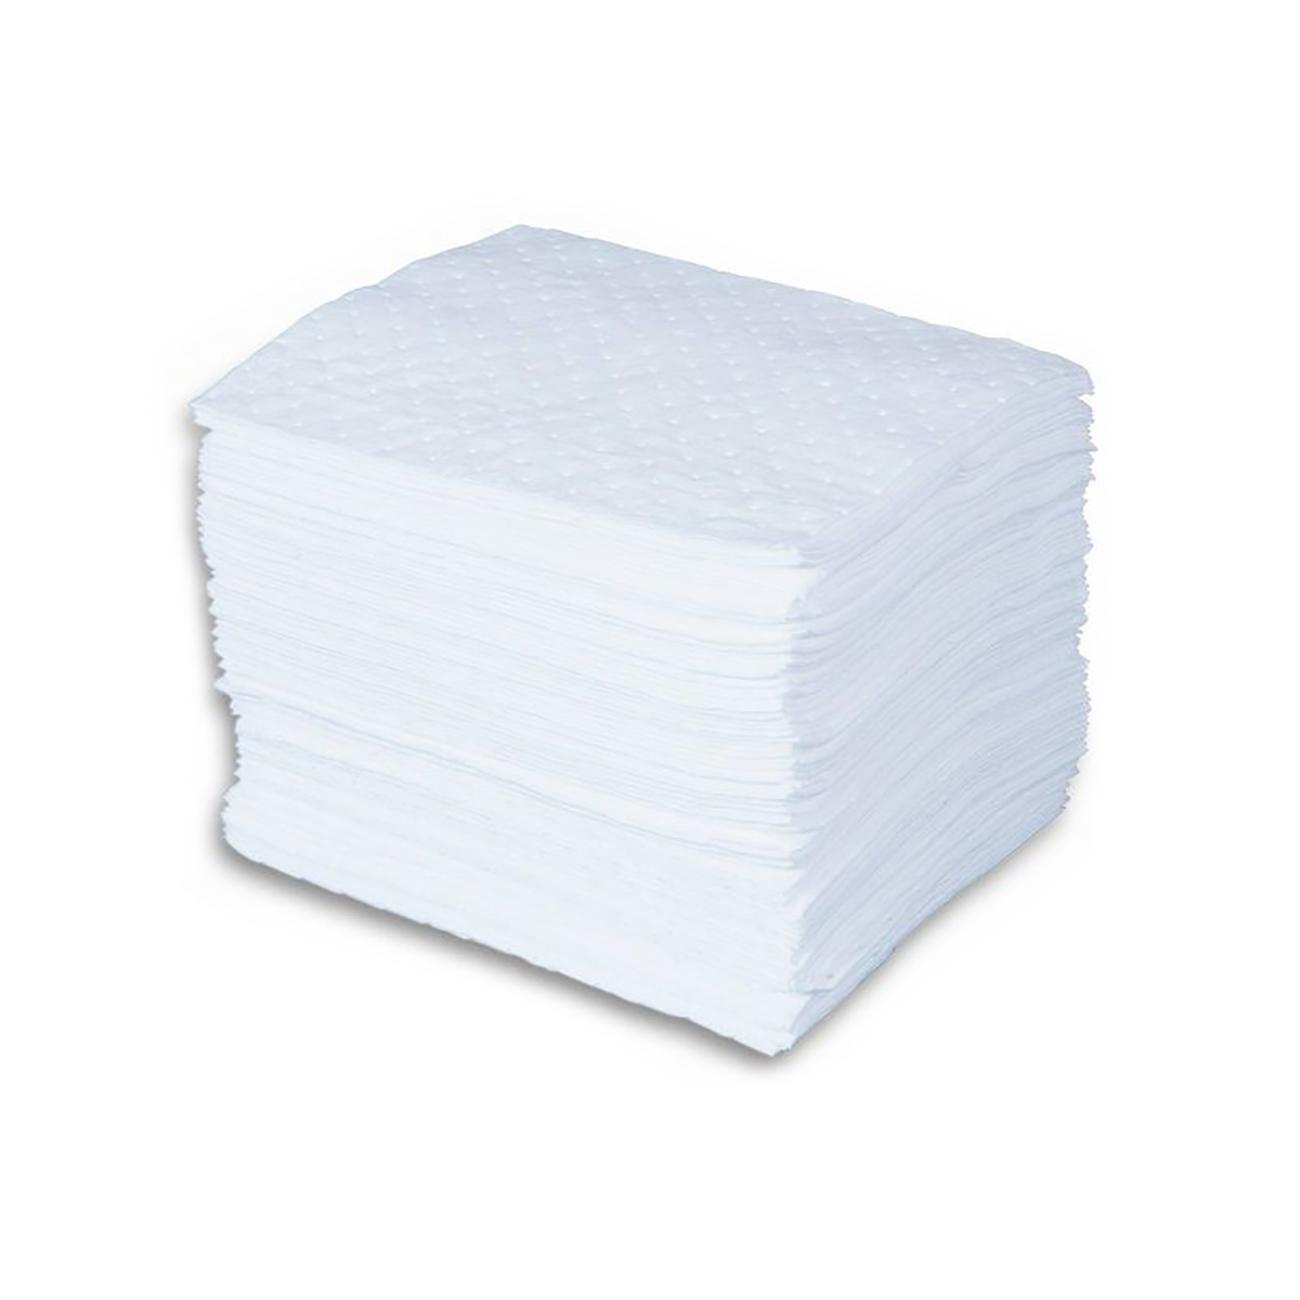 Фото Масловпитывающие салфетки ENV200-M, 41 х 51 см, 221 литр (200 шт.) {spc813742}